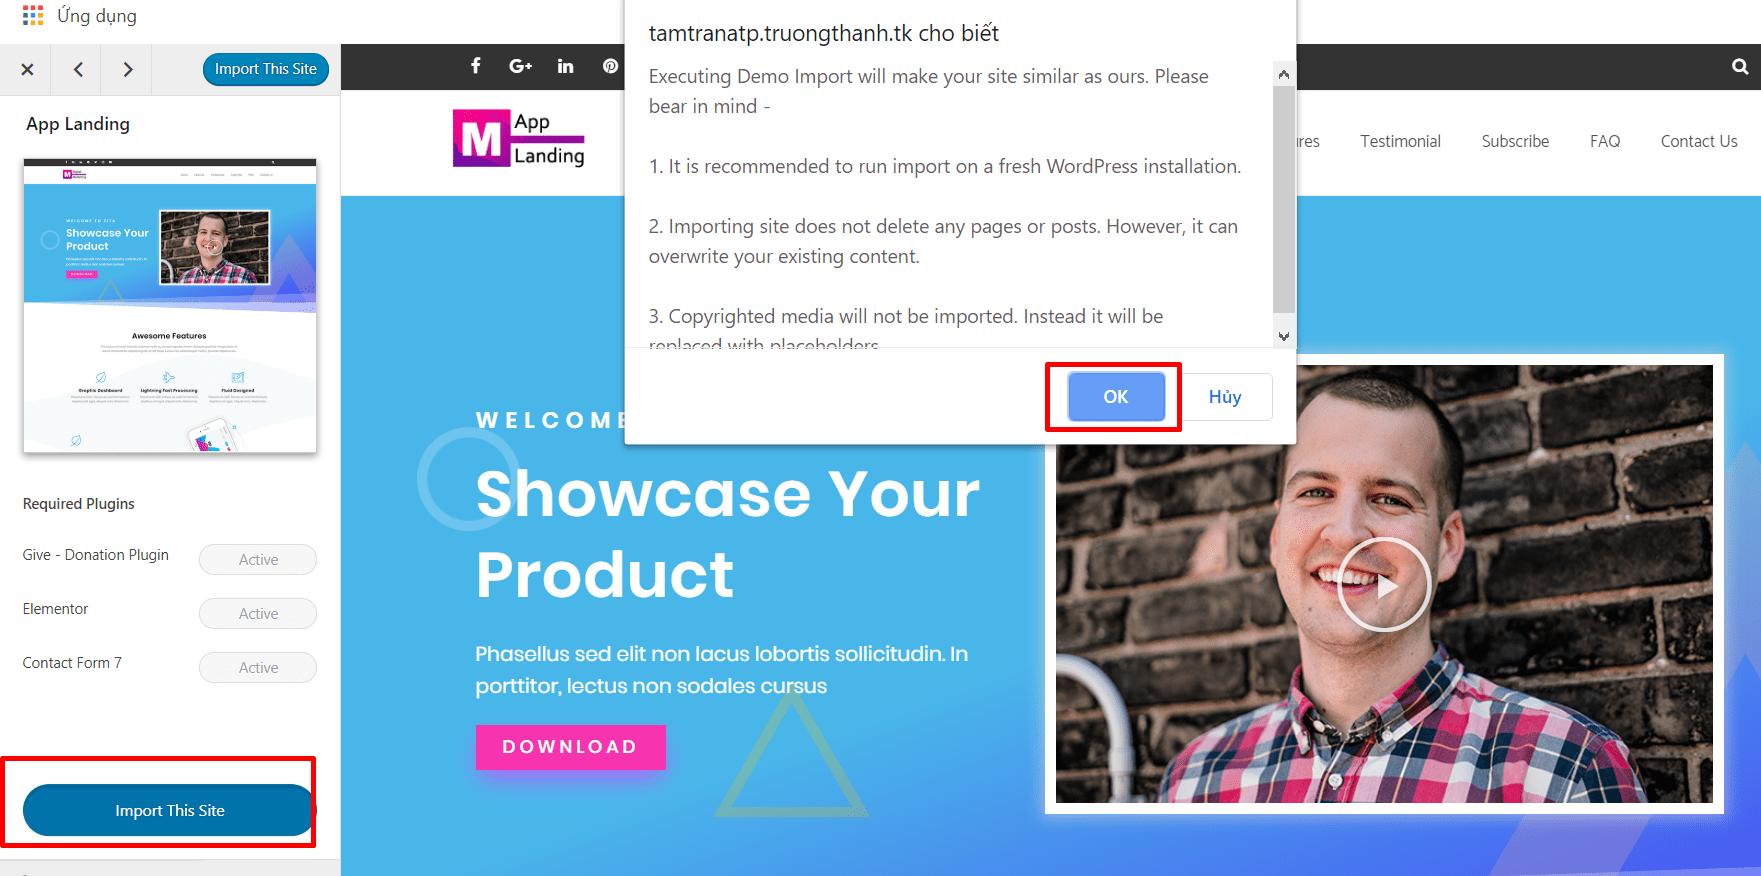 Screenshot 59 - Hướng dẫn tự thiết kế website không cần dùng code cho người mới bắt đầu từ A-Z